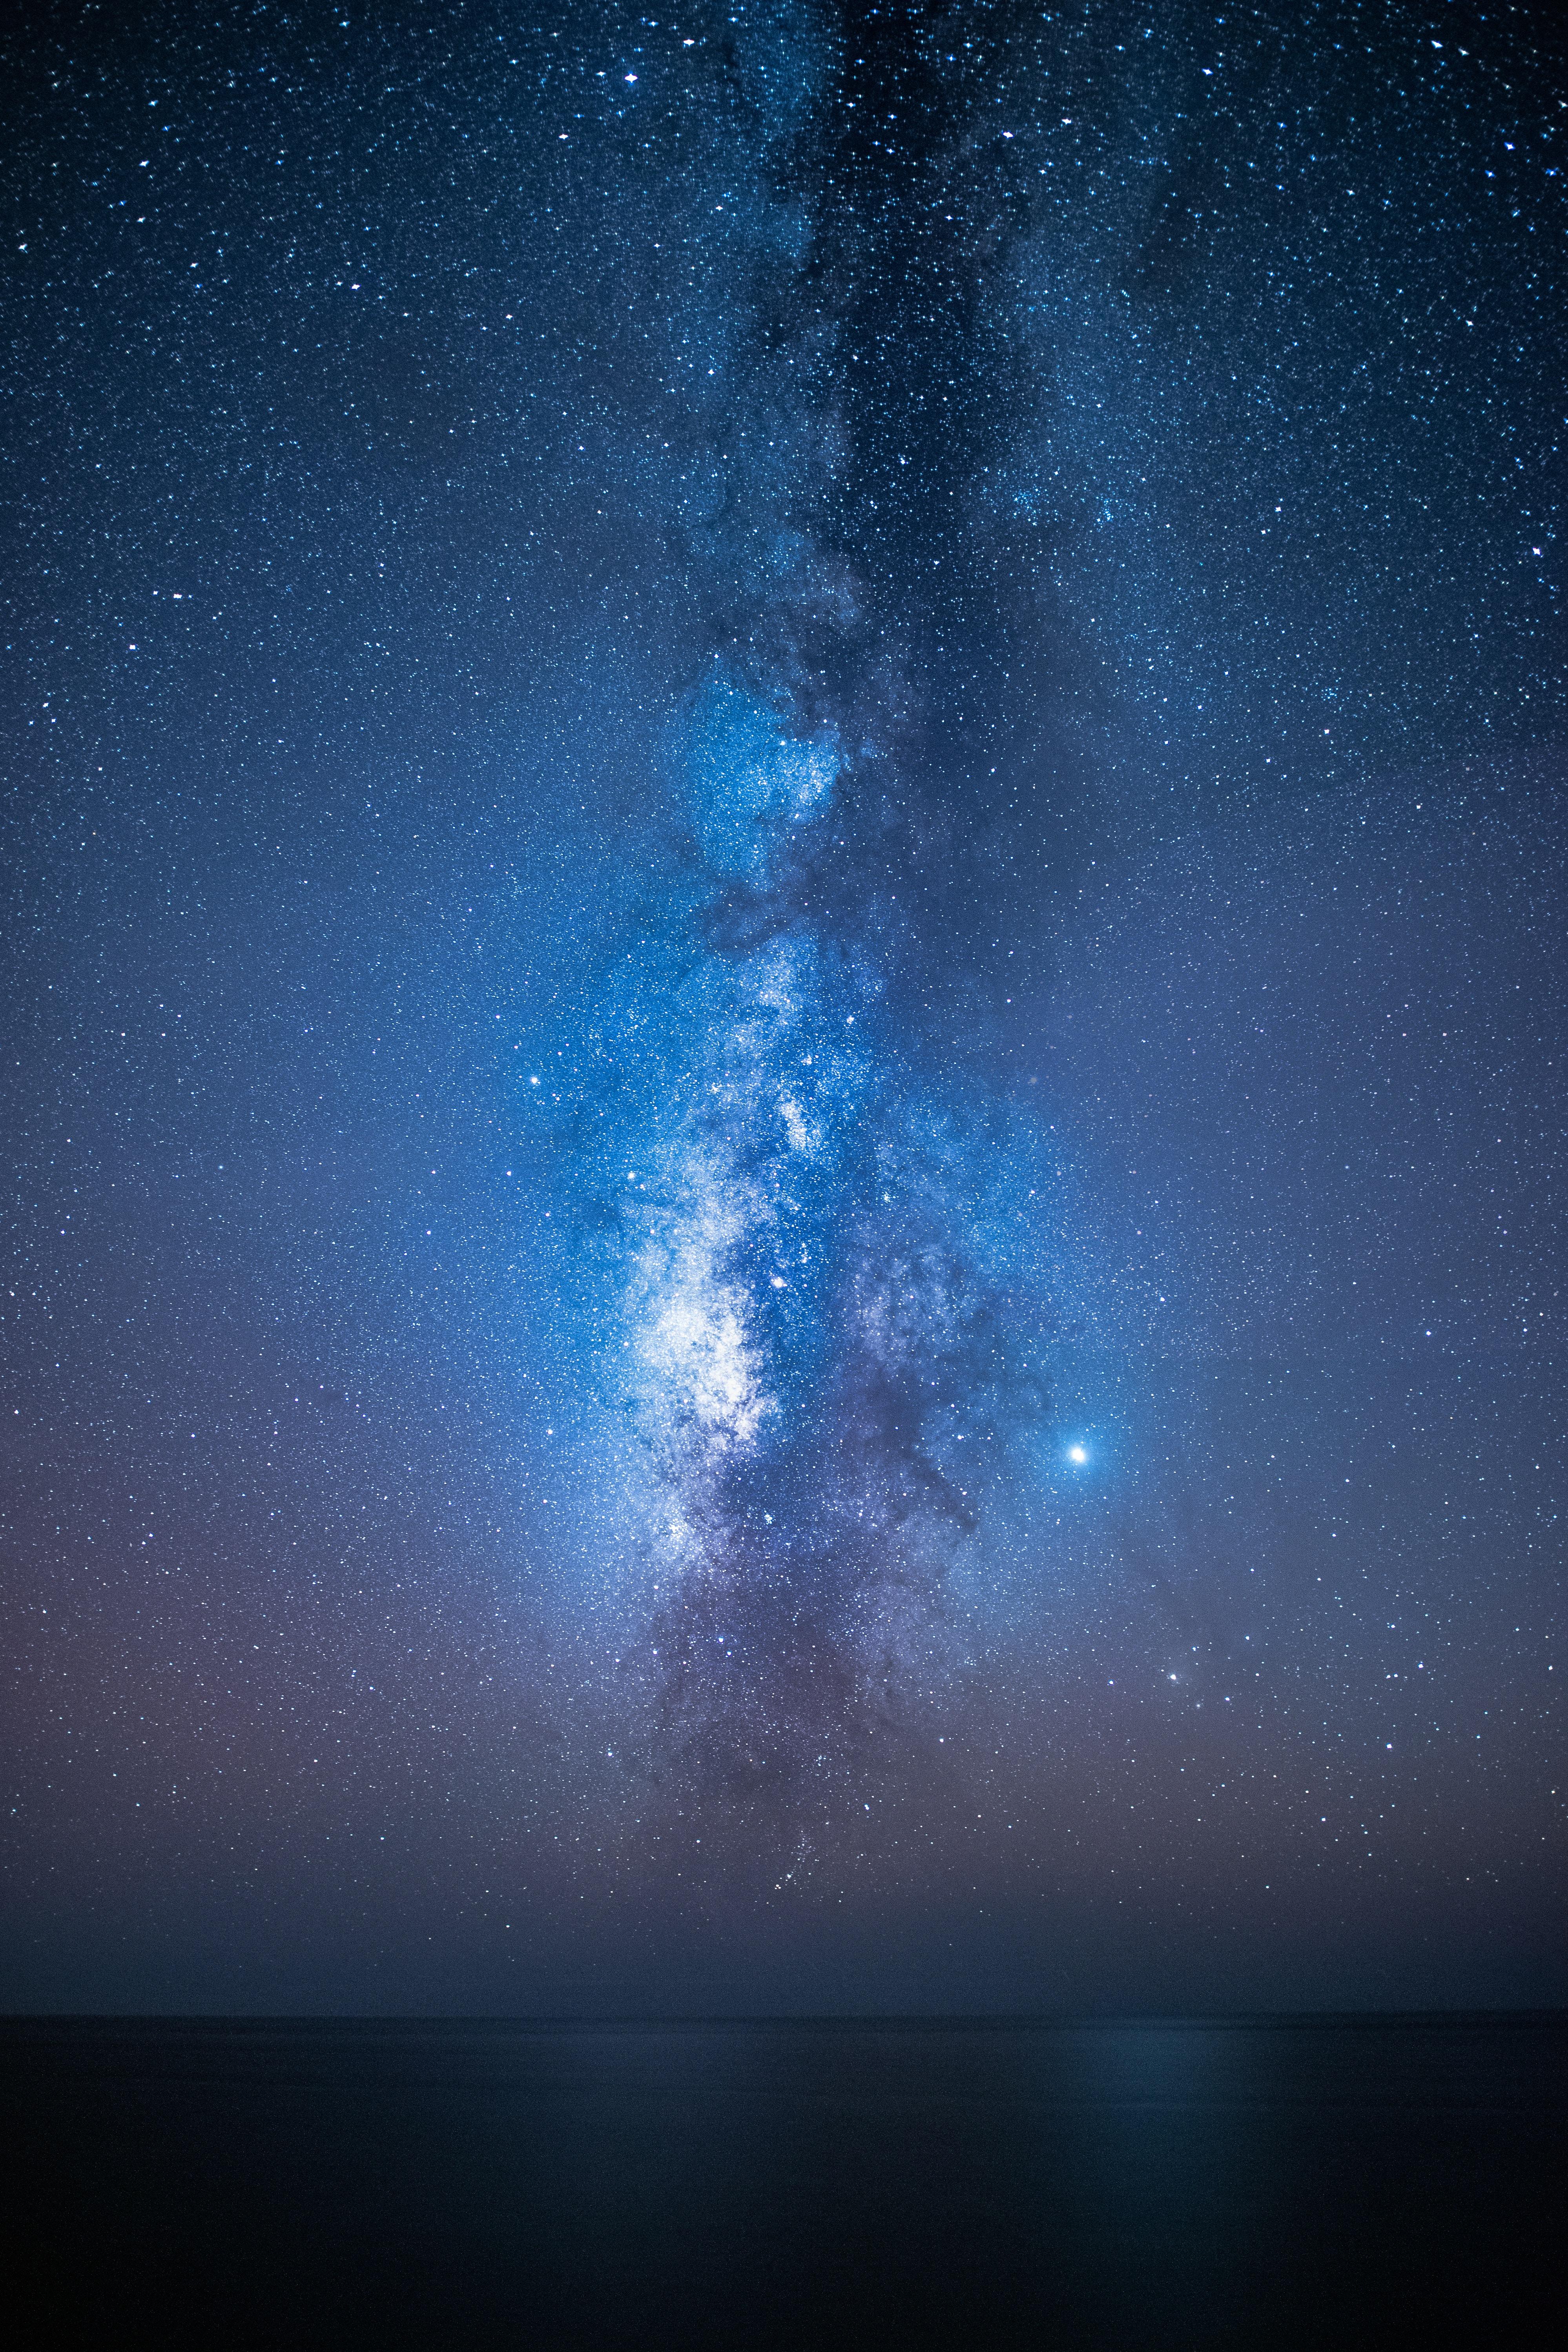 50456 скачать обои Темные, Звездное Небо, Млечный Путь, Ночь, Море, Звезды - заставки и картинки бесплатно